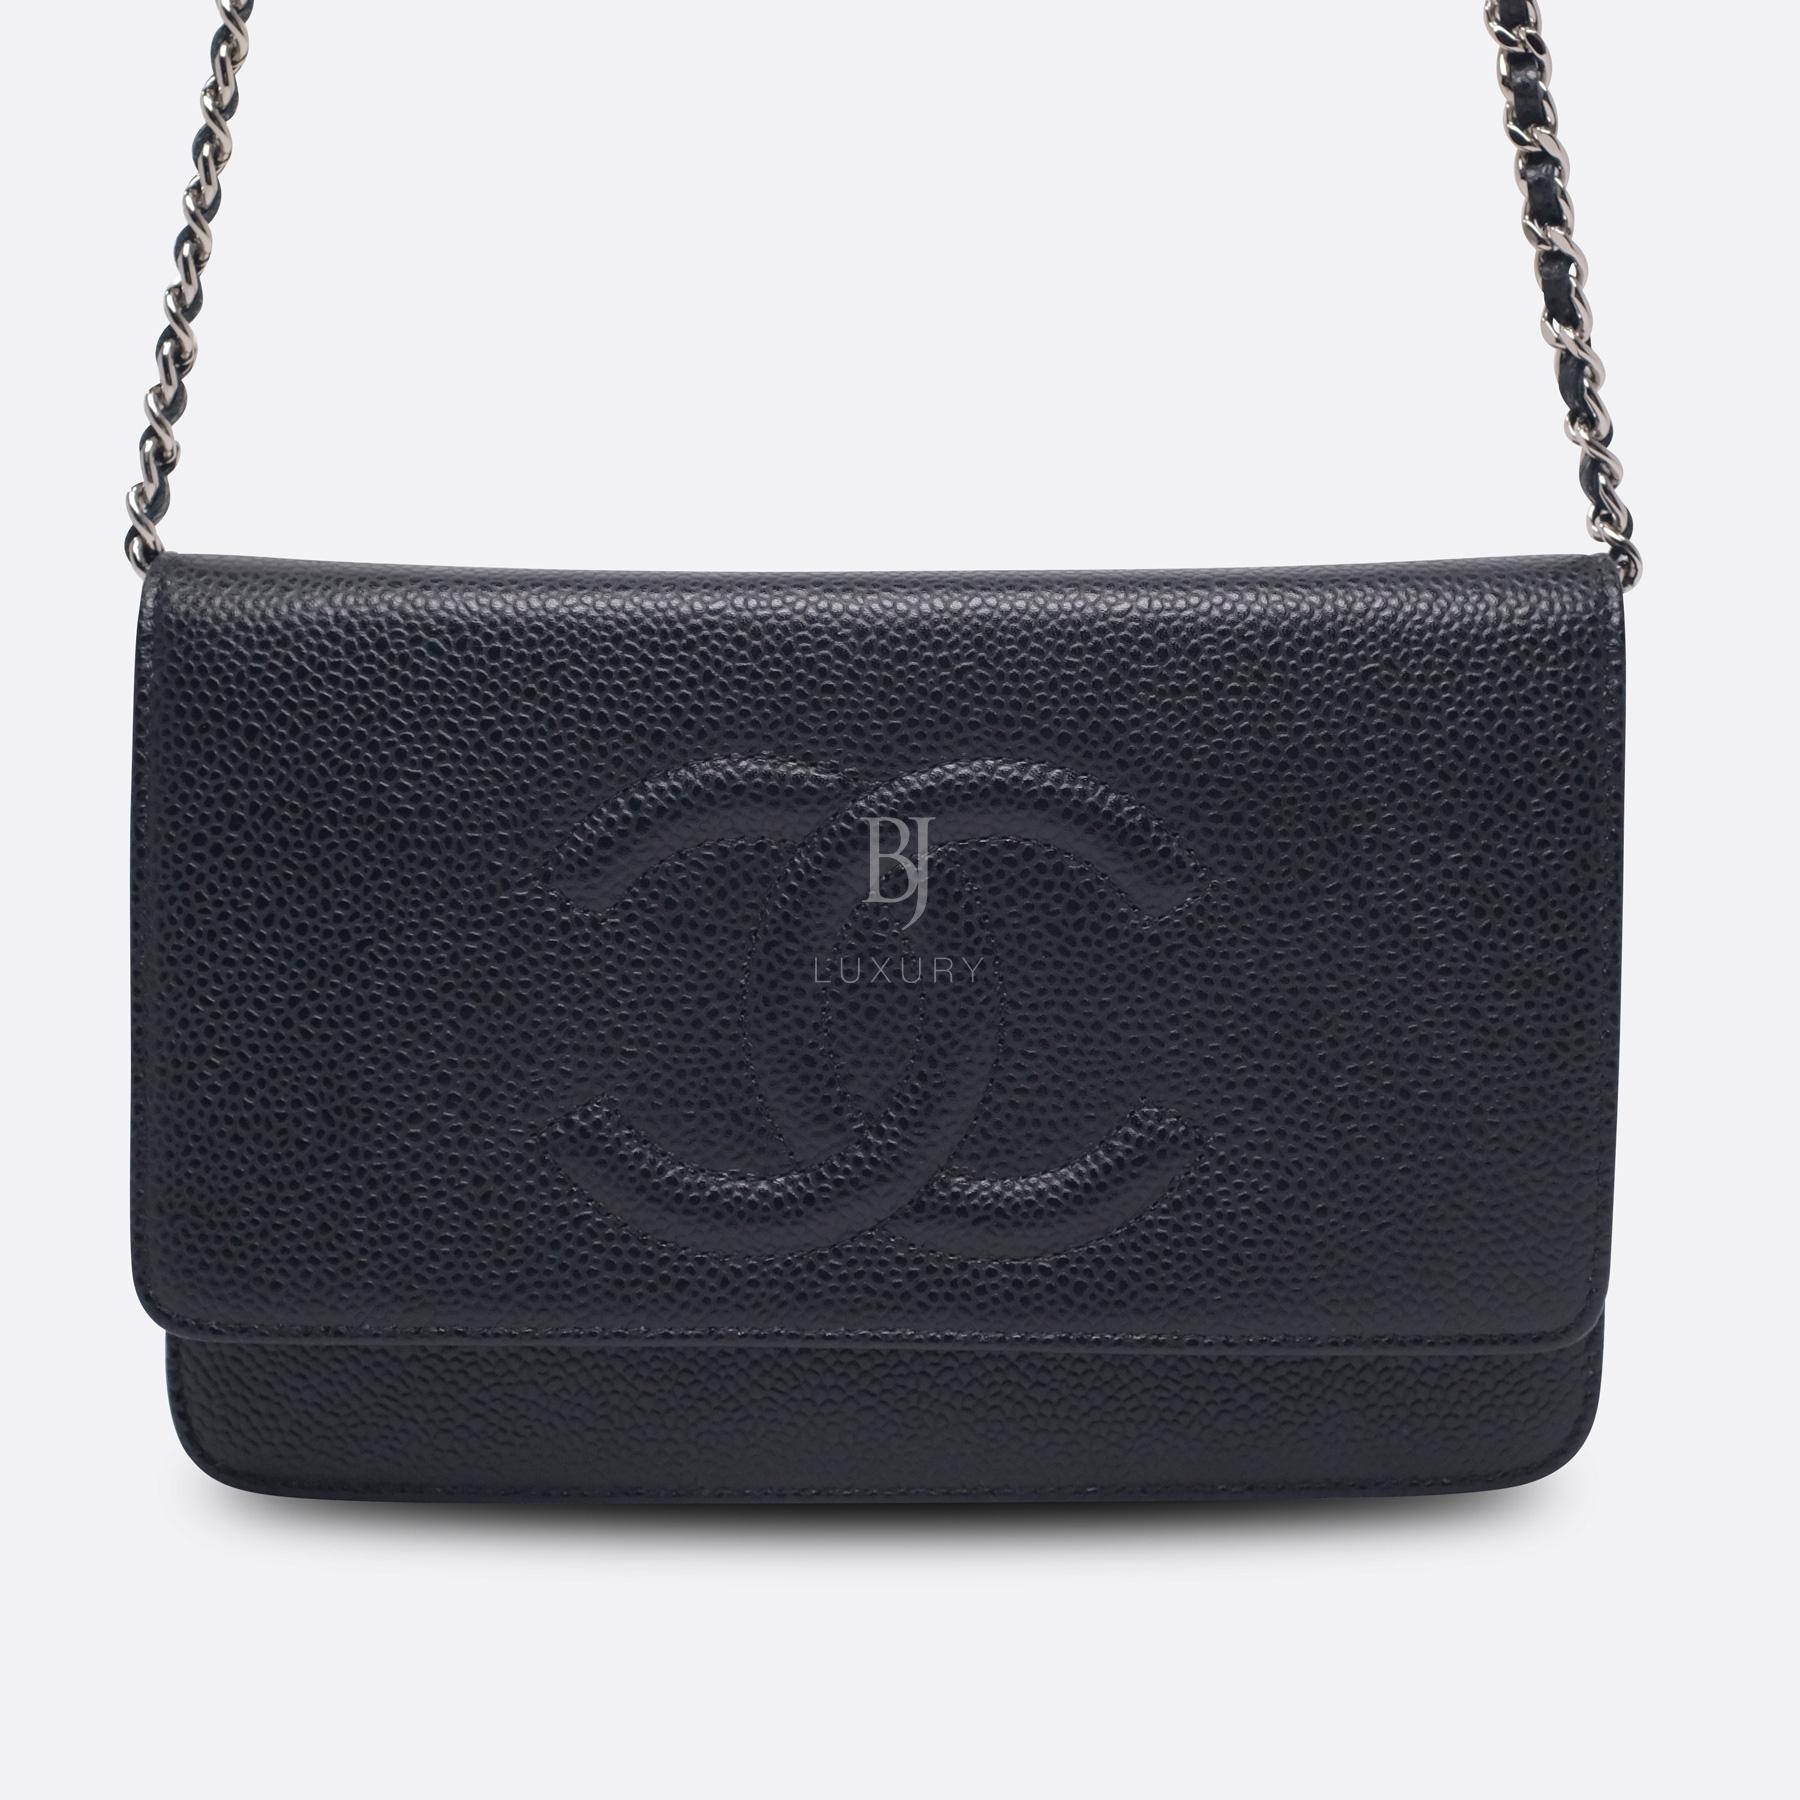 Chanel Wallet on Chain Caviar Silver Black BJ Luxury 1.jpg